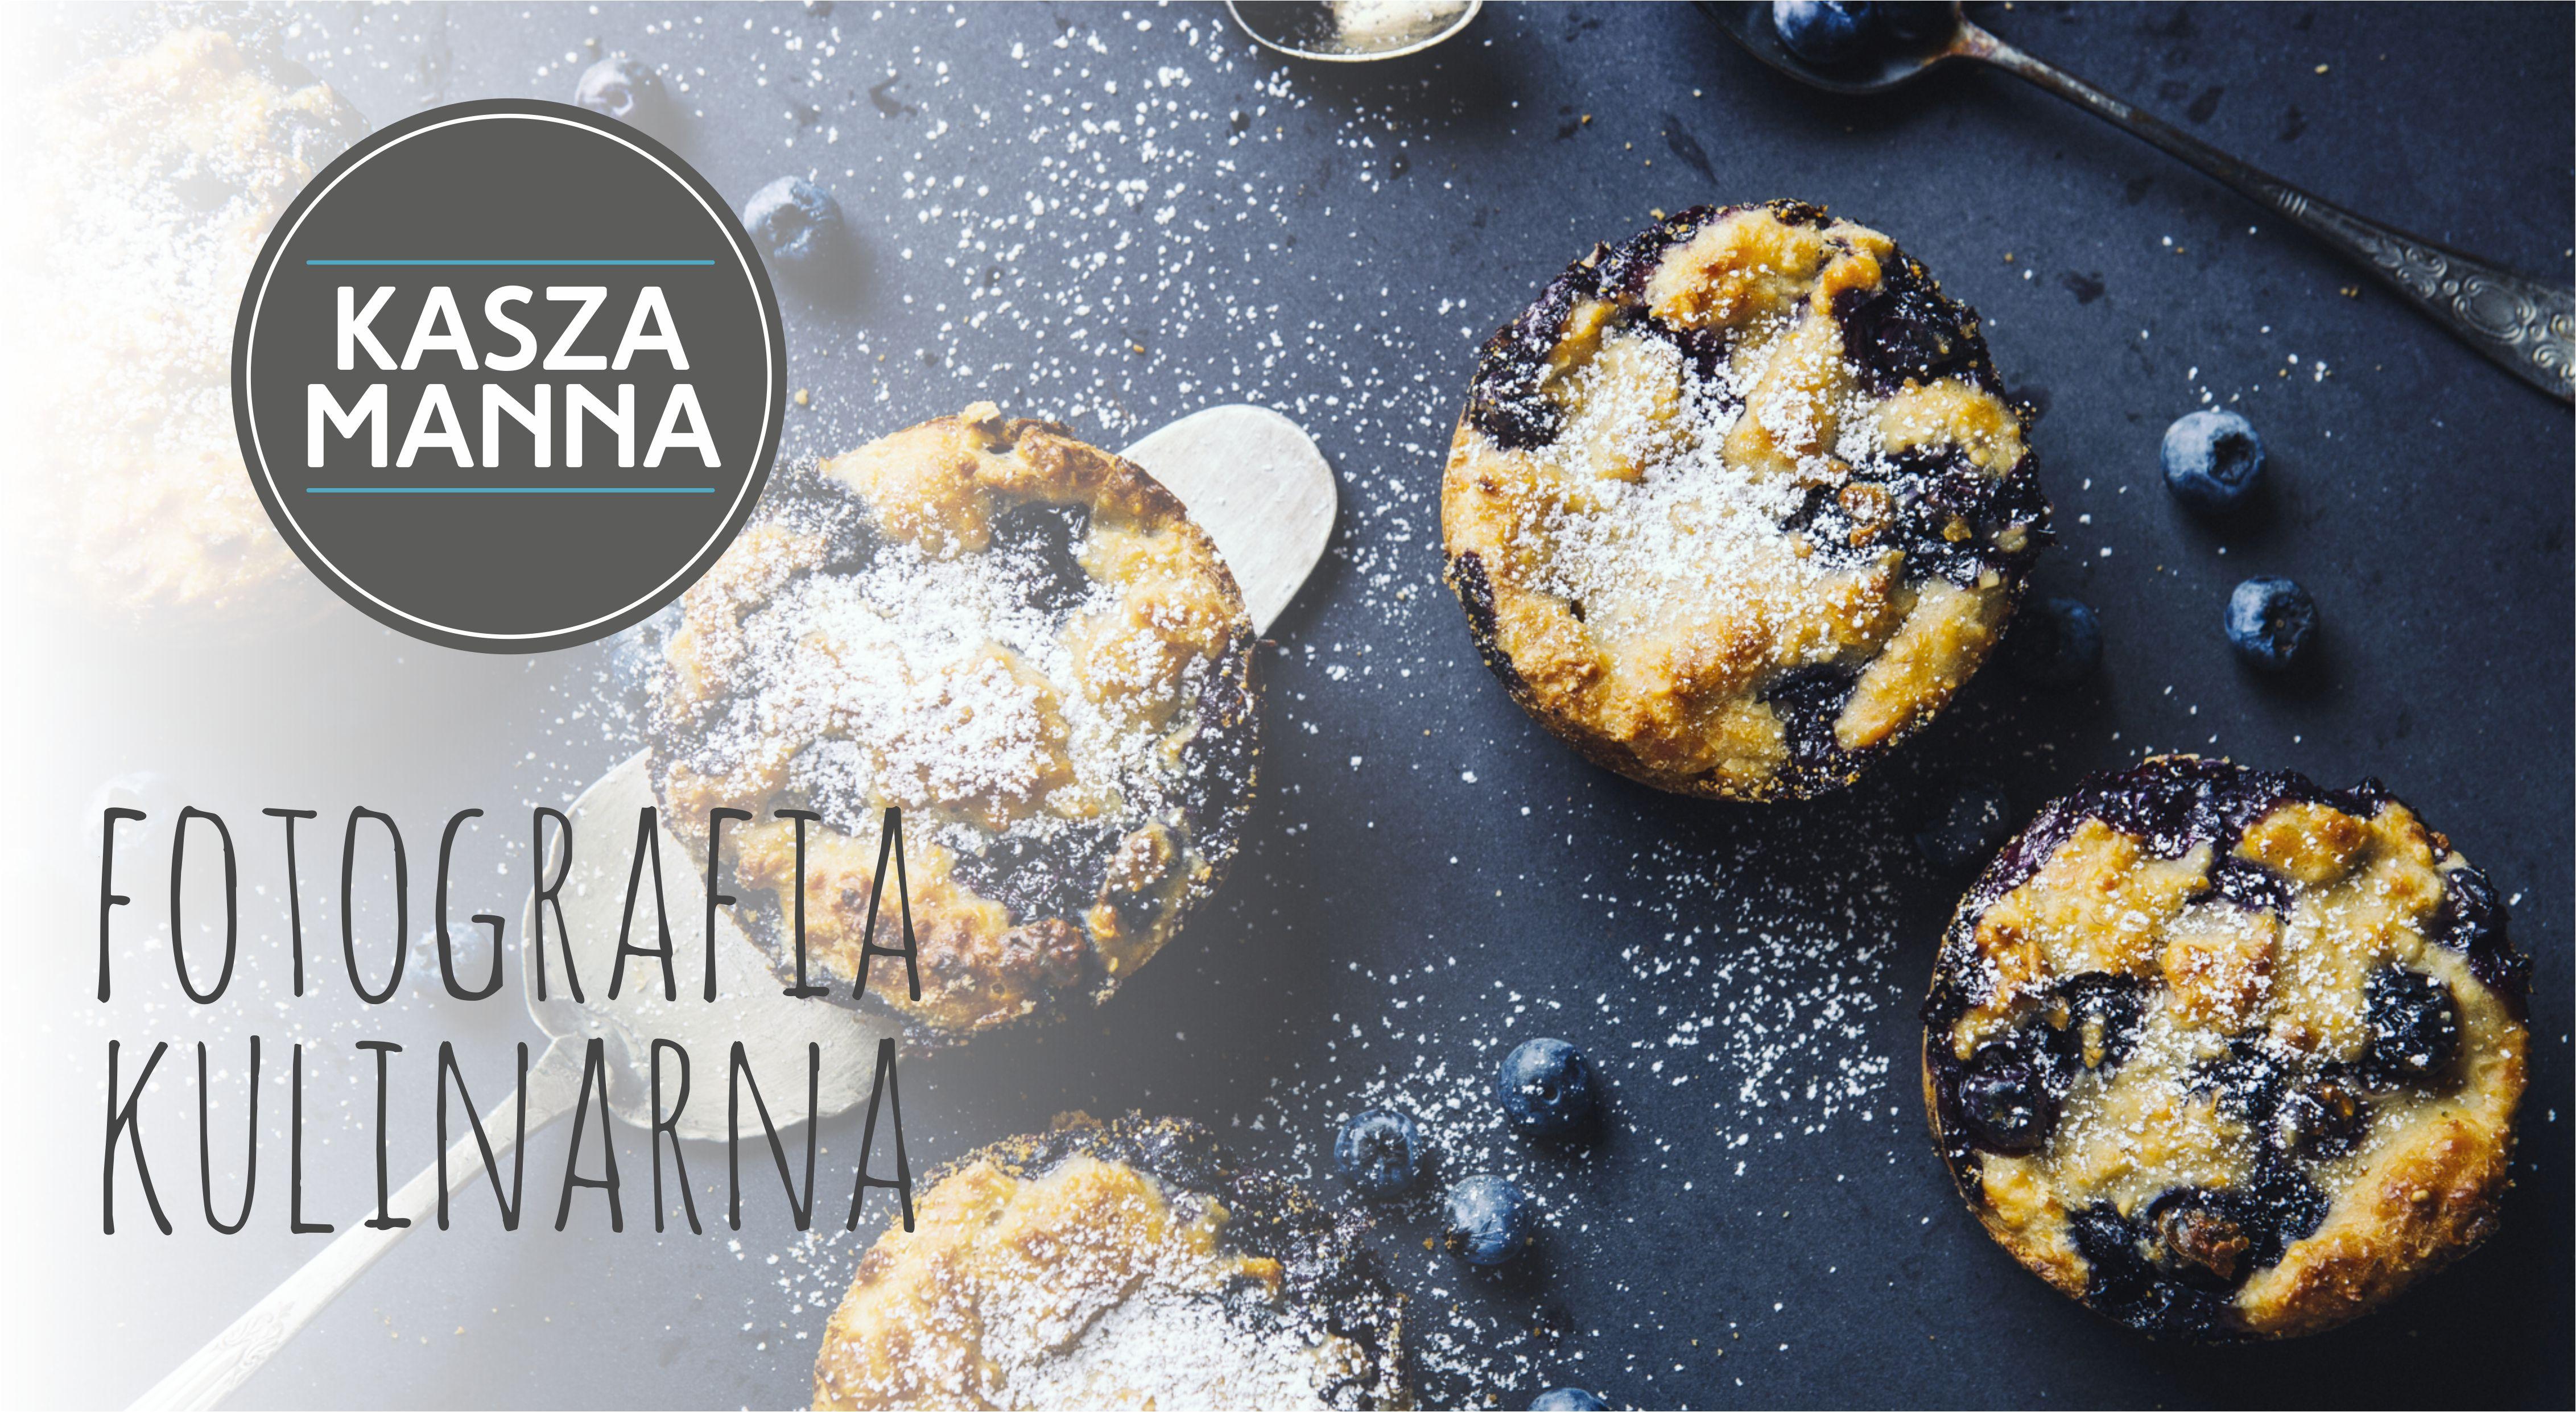 kasza manna oferta fotografia kulinarna